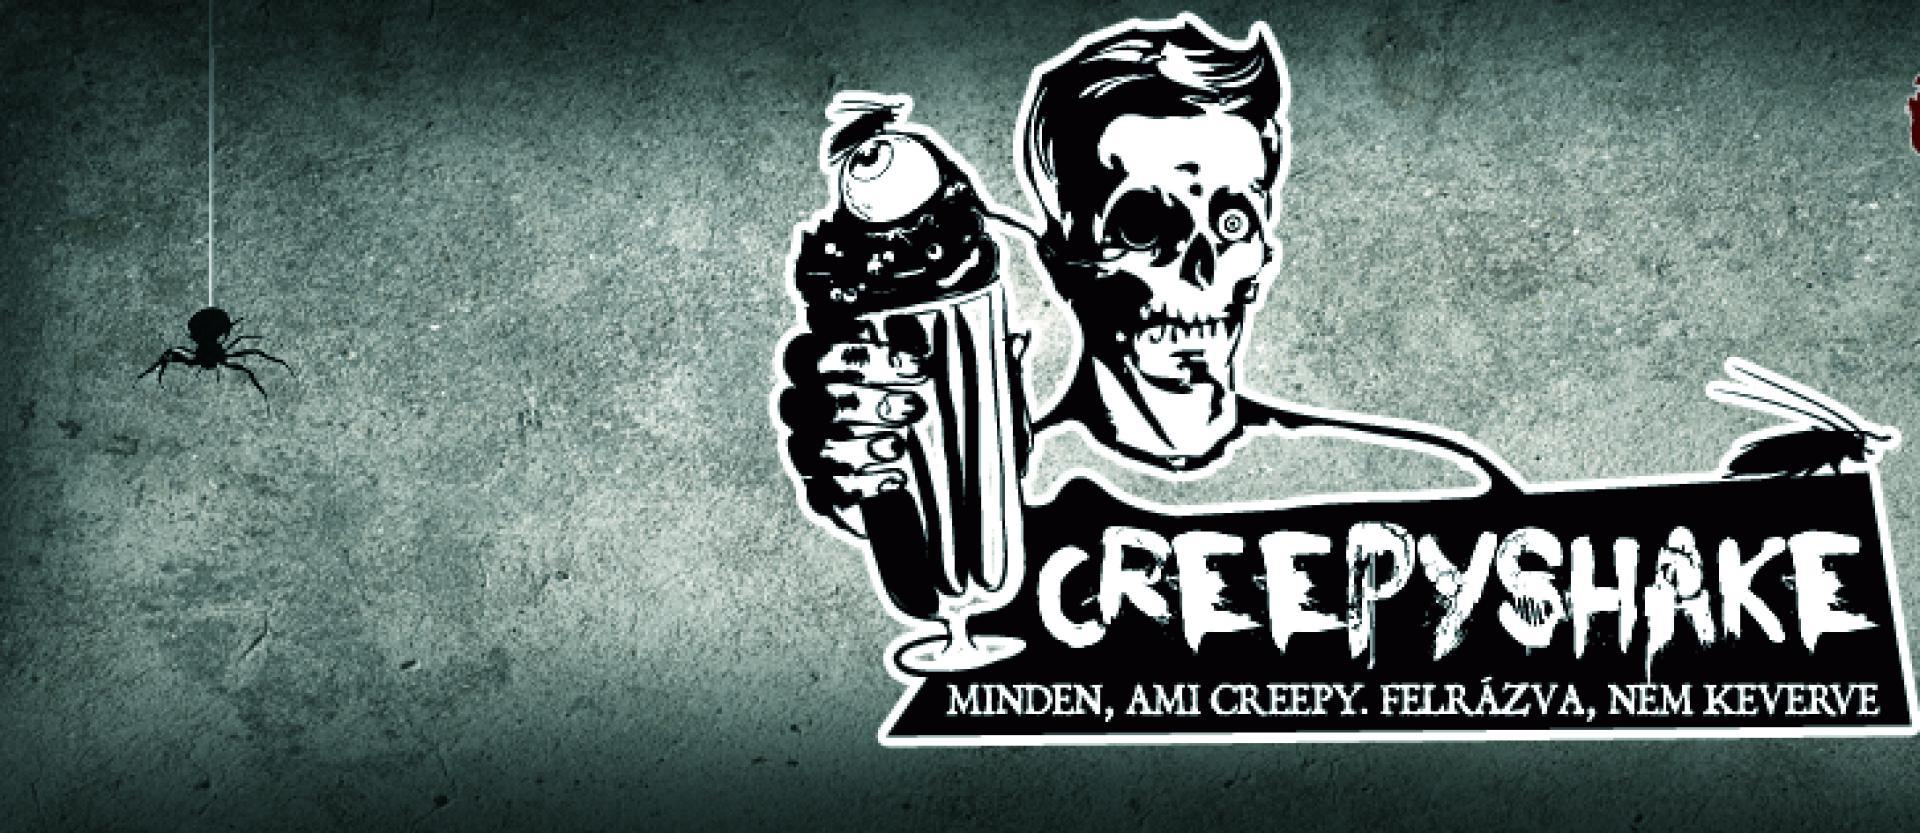 Creepy kedvencek 2017. augusztus